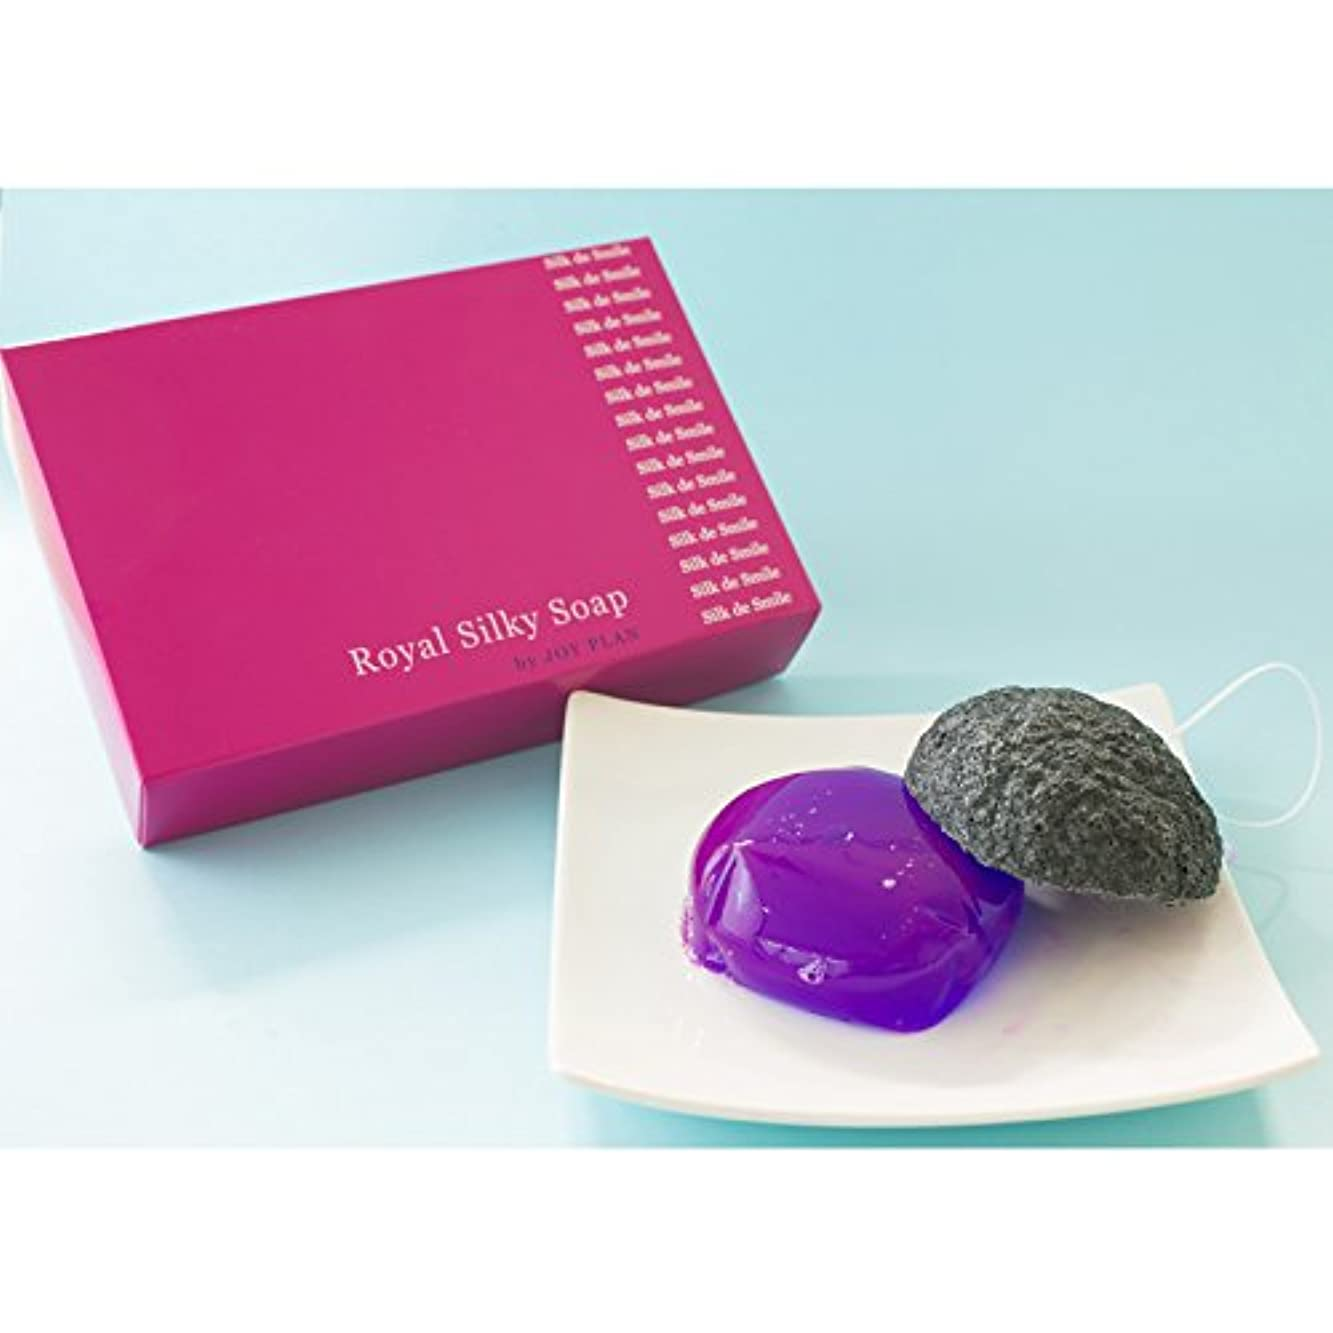 減衰かる役立つ蒟蒻シルク洗顔石鹸「シルク デ スマイル」ローズ洗顔石鹸、蒟蒻パフセット